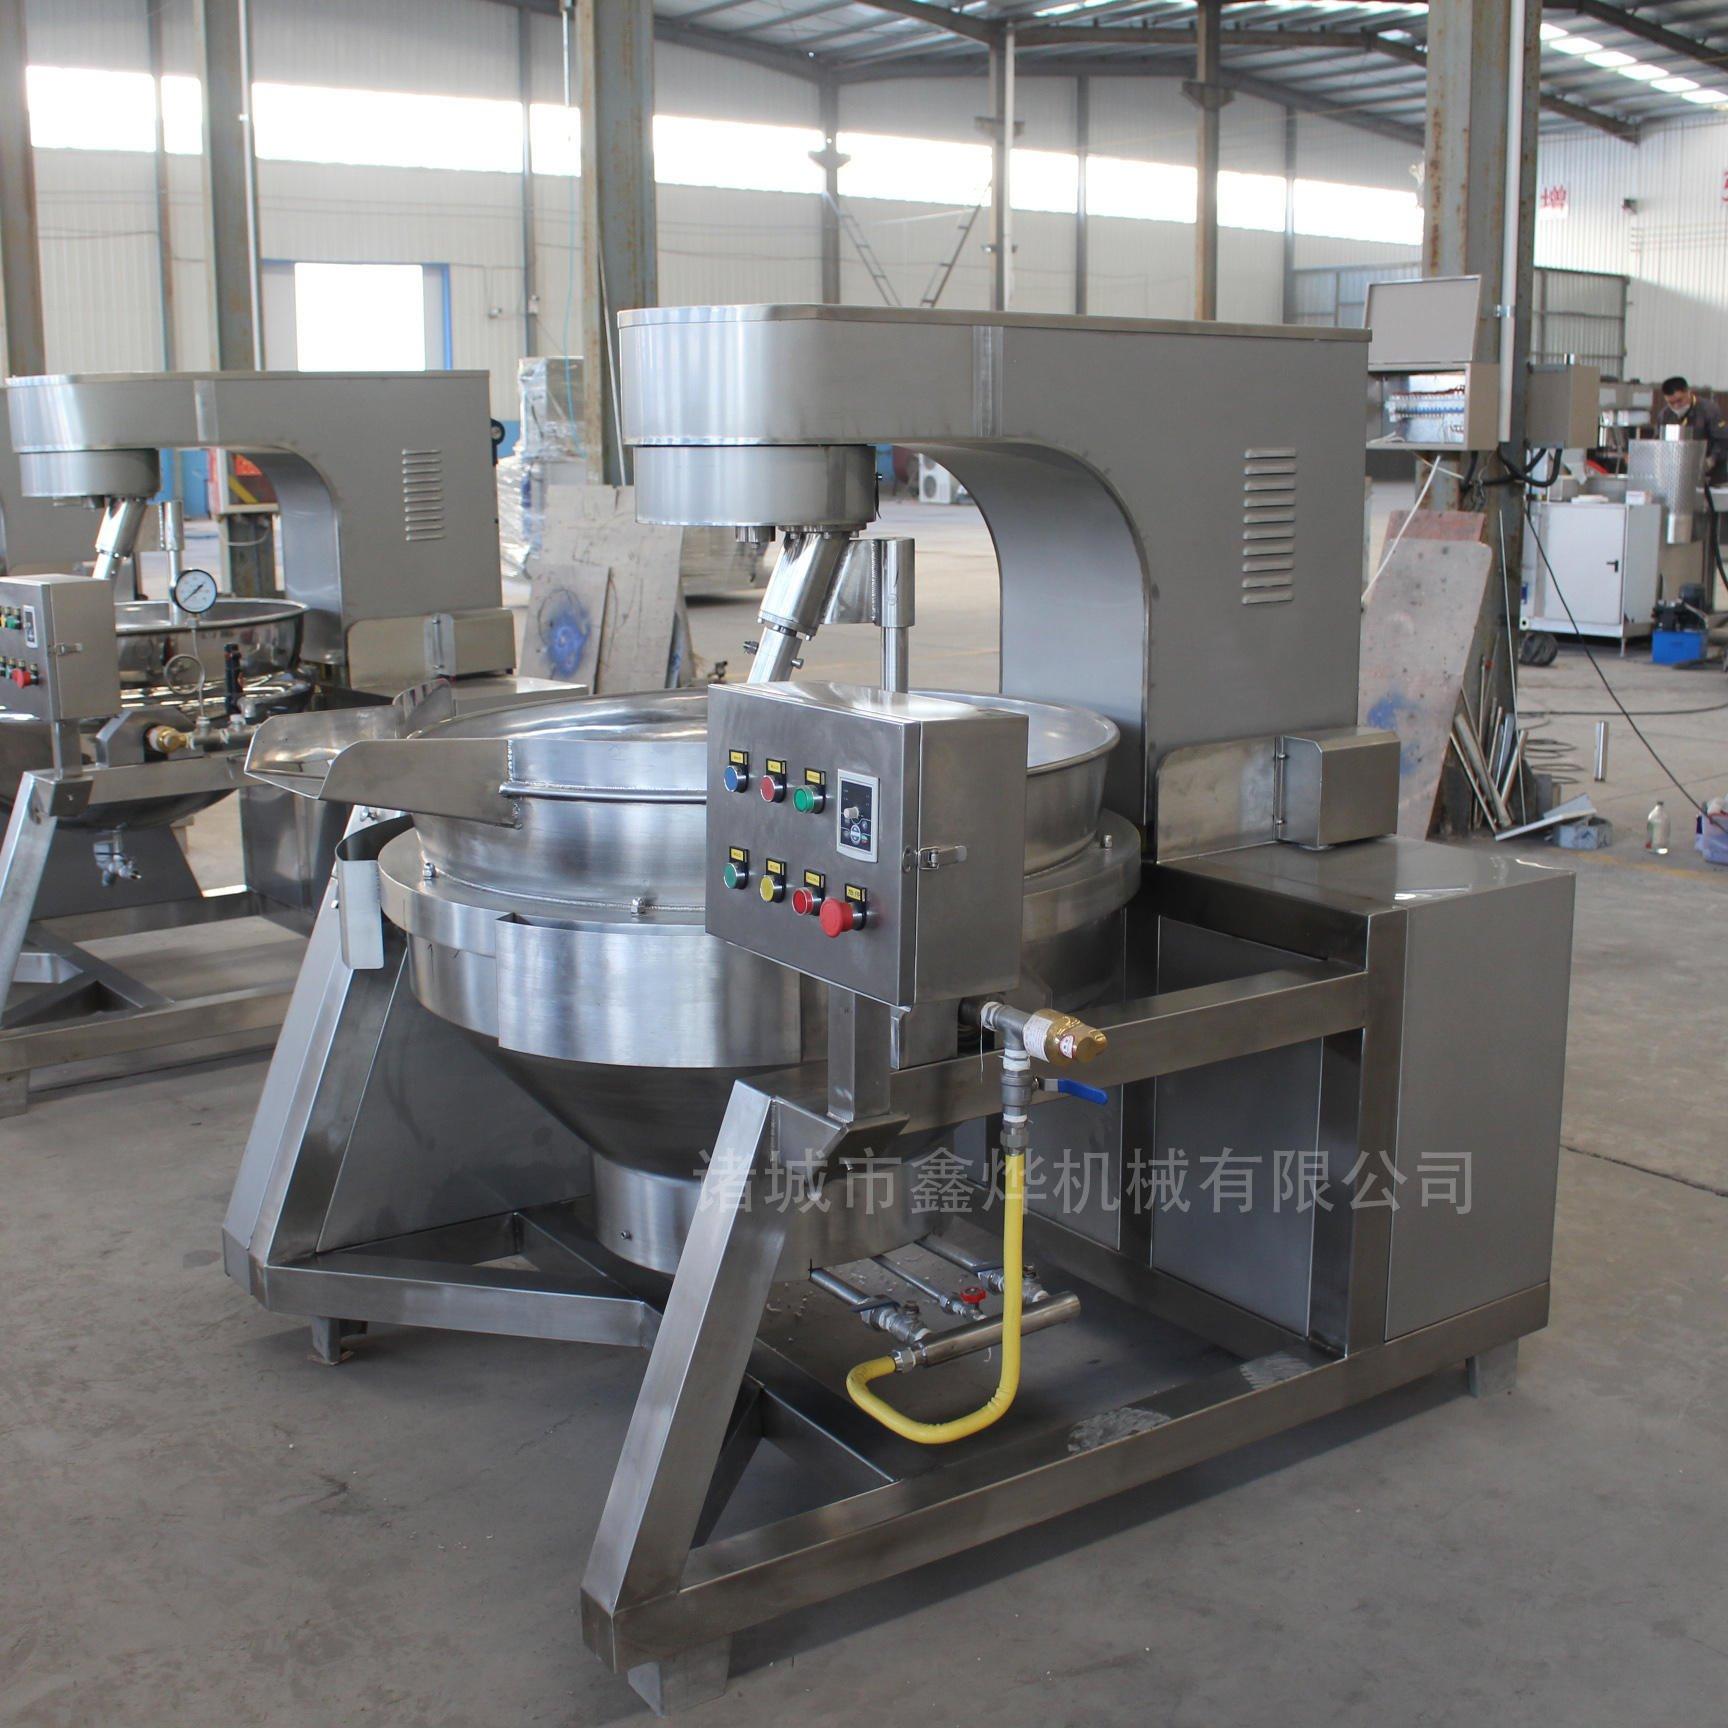 鑫燁機械廠家直銷 全自動炒菜機 調味品設備 醬料炒鍋